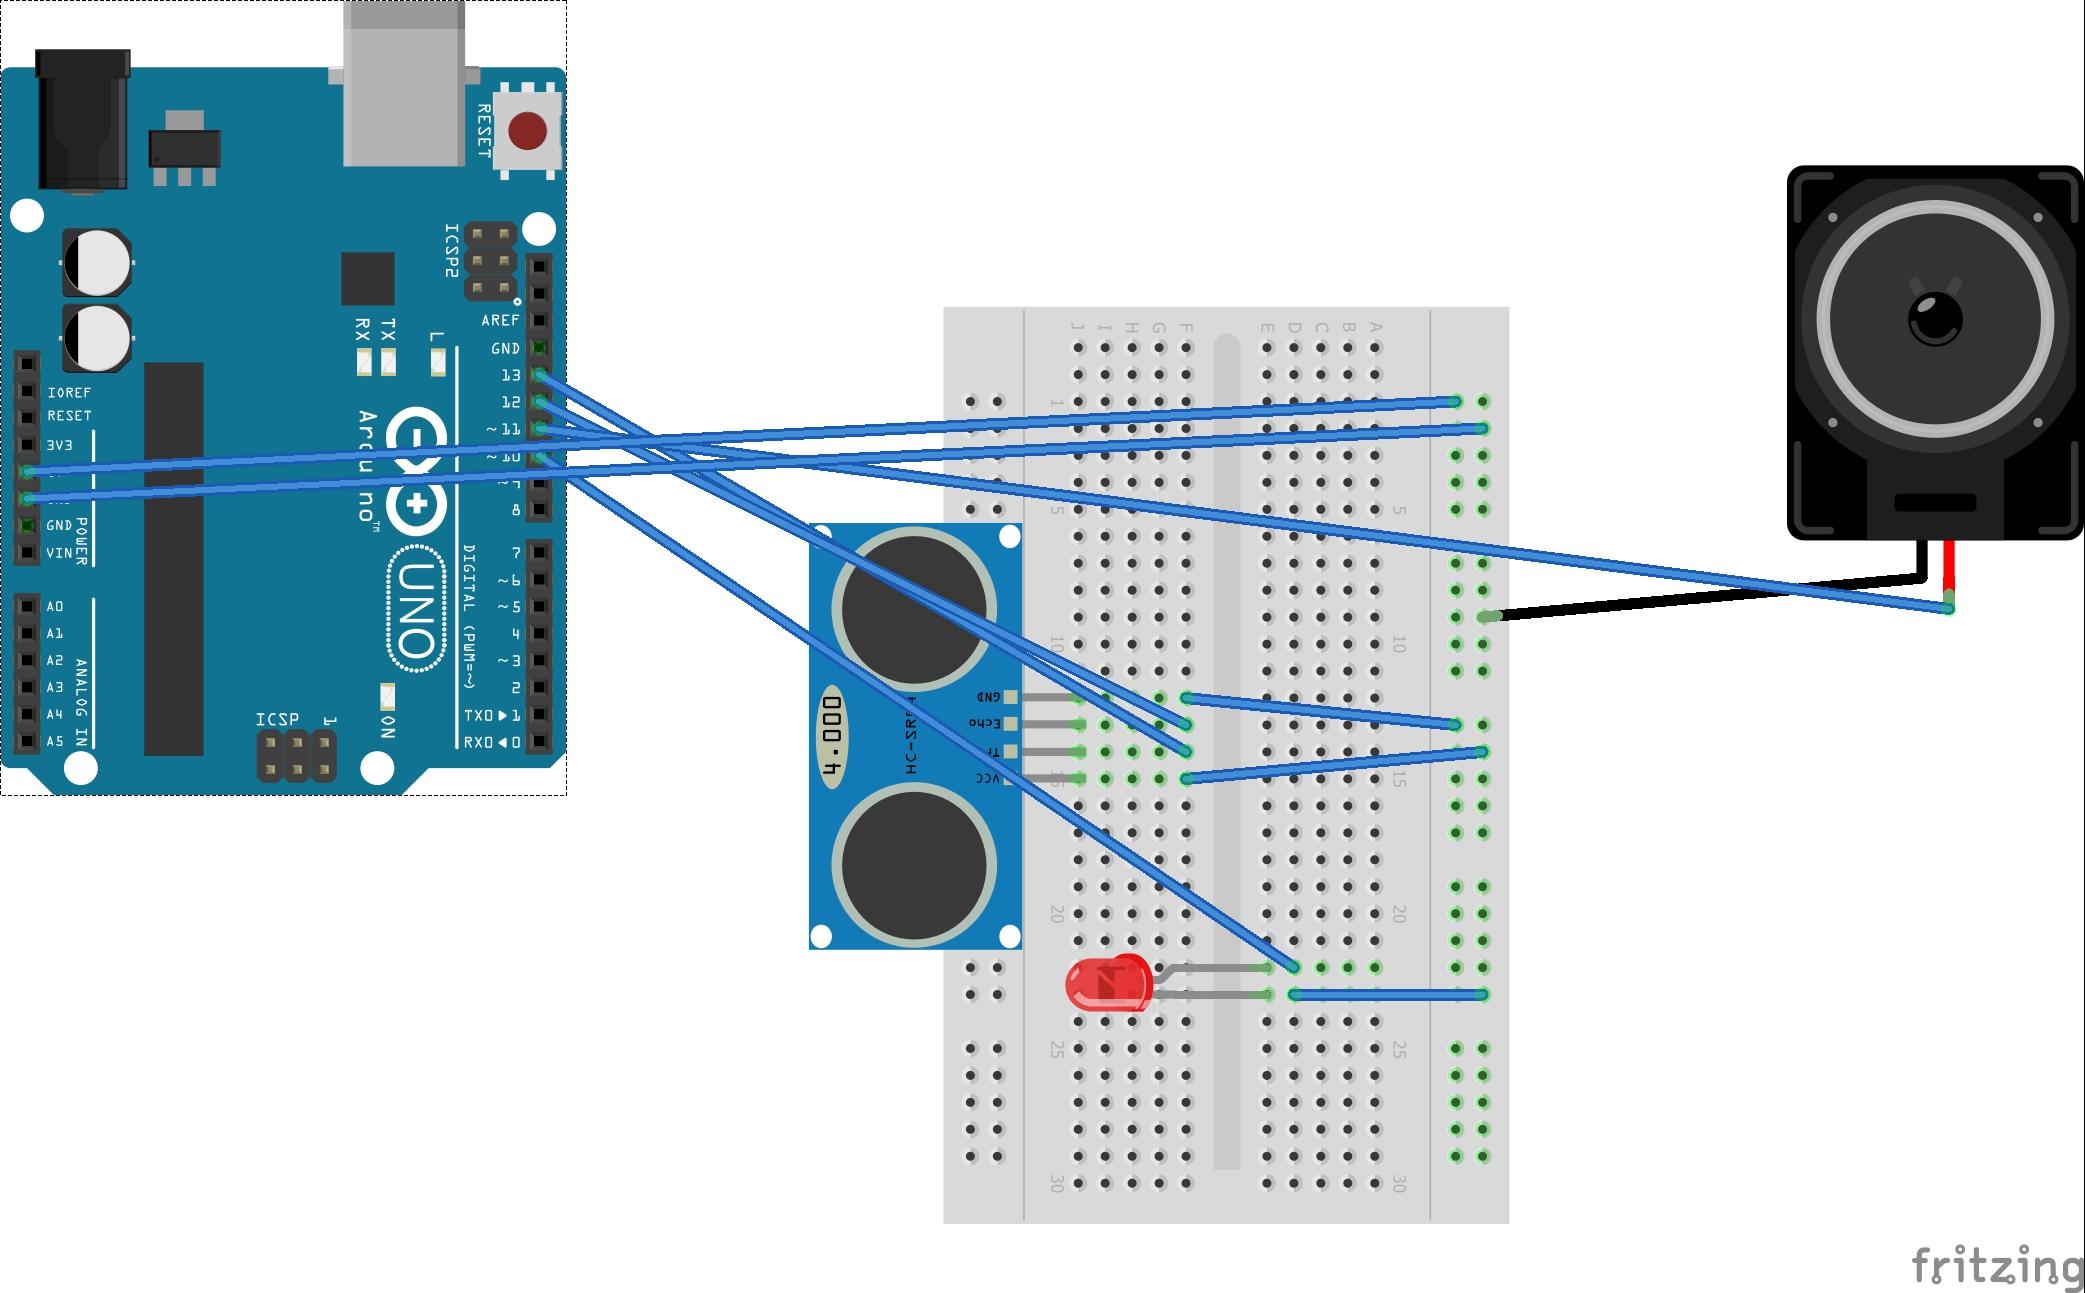 Proximity Detector Alarm - Hackster.io